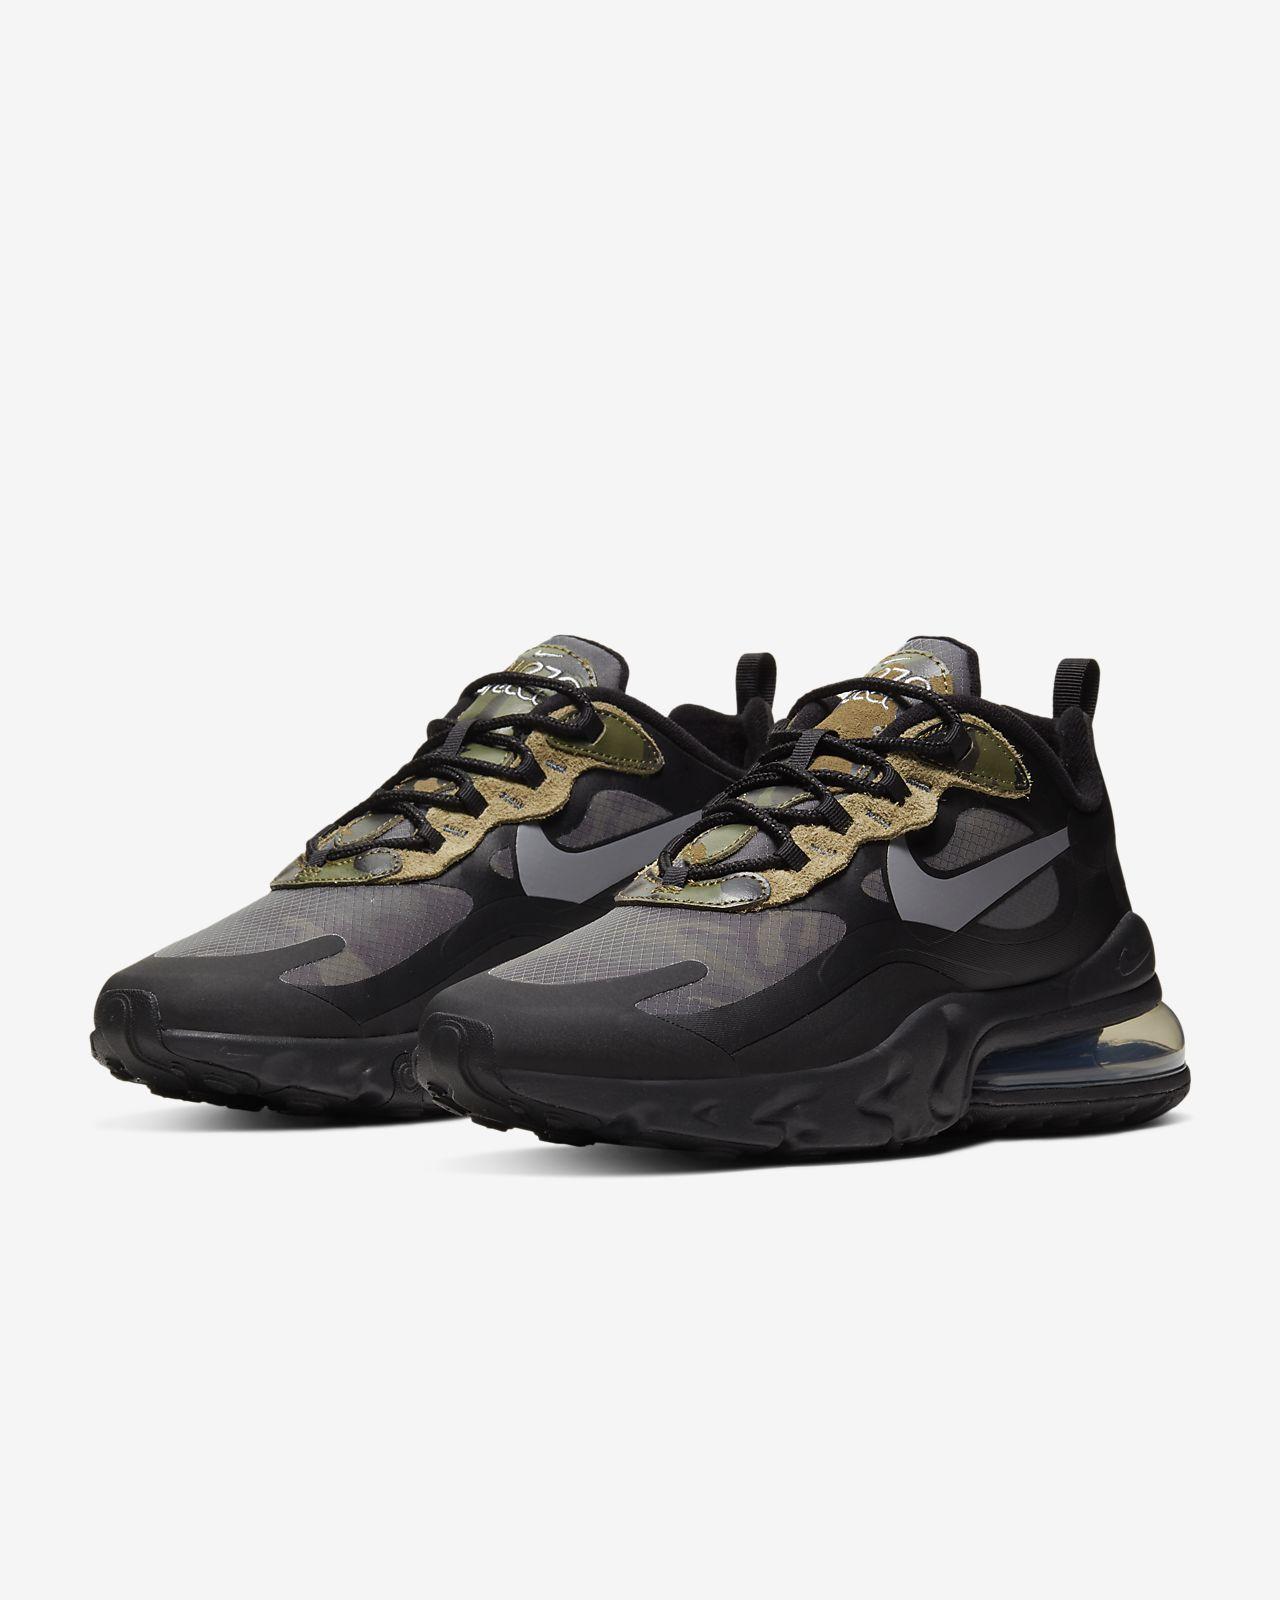 nike air max 270 react - hombre zapatillas